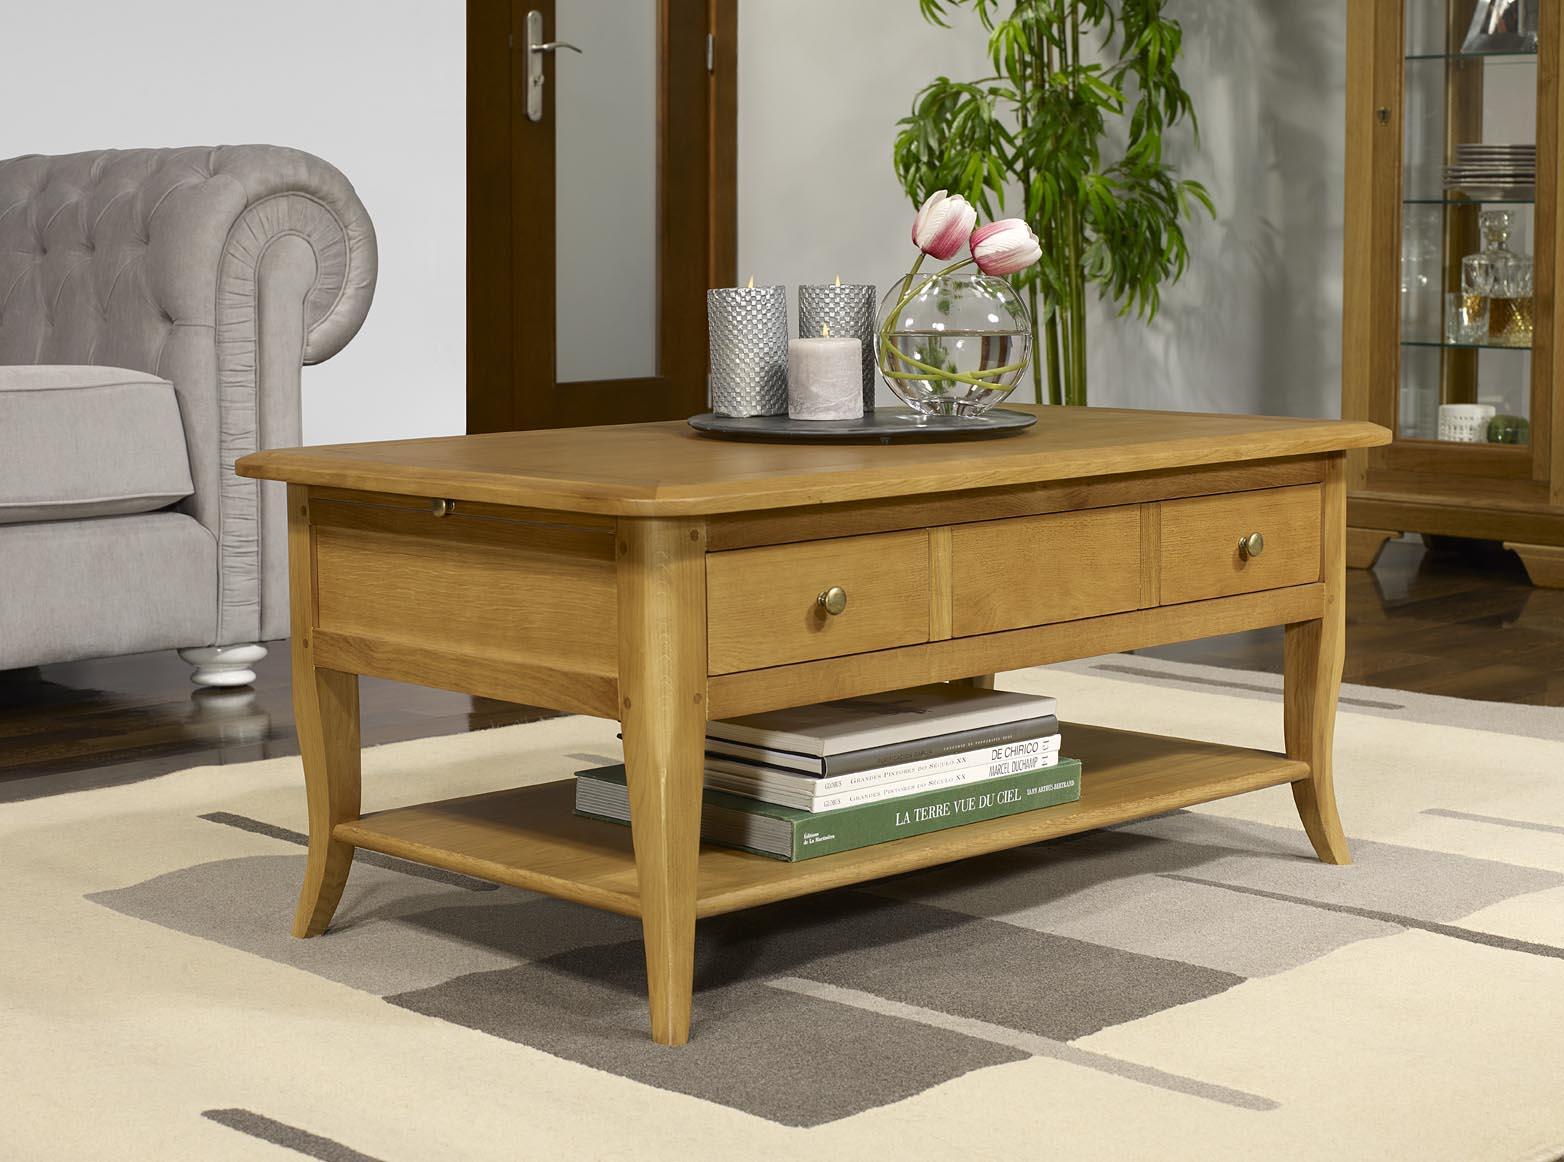 Table basse rectangulaire mathieu en ch ne de style louis Table basse bois rectangulaire